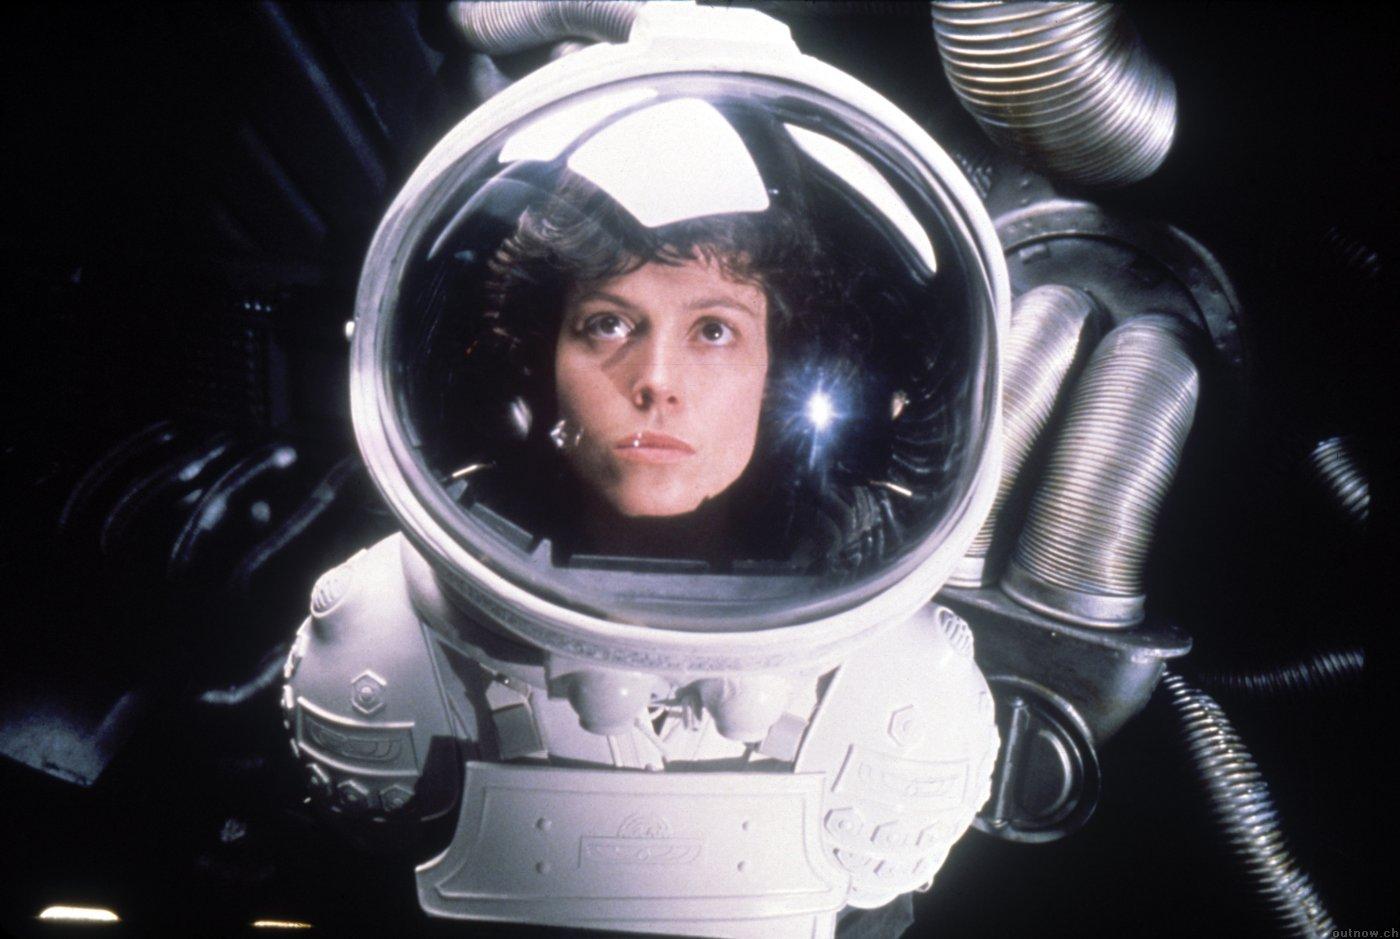 http://1.bp.blogspot.com/-TGhgrpmJz2Q/UEt1v-4yfJI/AAAAAAAAA6Q/4Q22Lc3_4nk/s1600/alien-1979-sigourney-weaver-photo-2.jpg